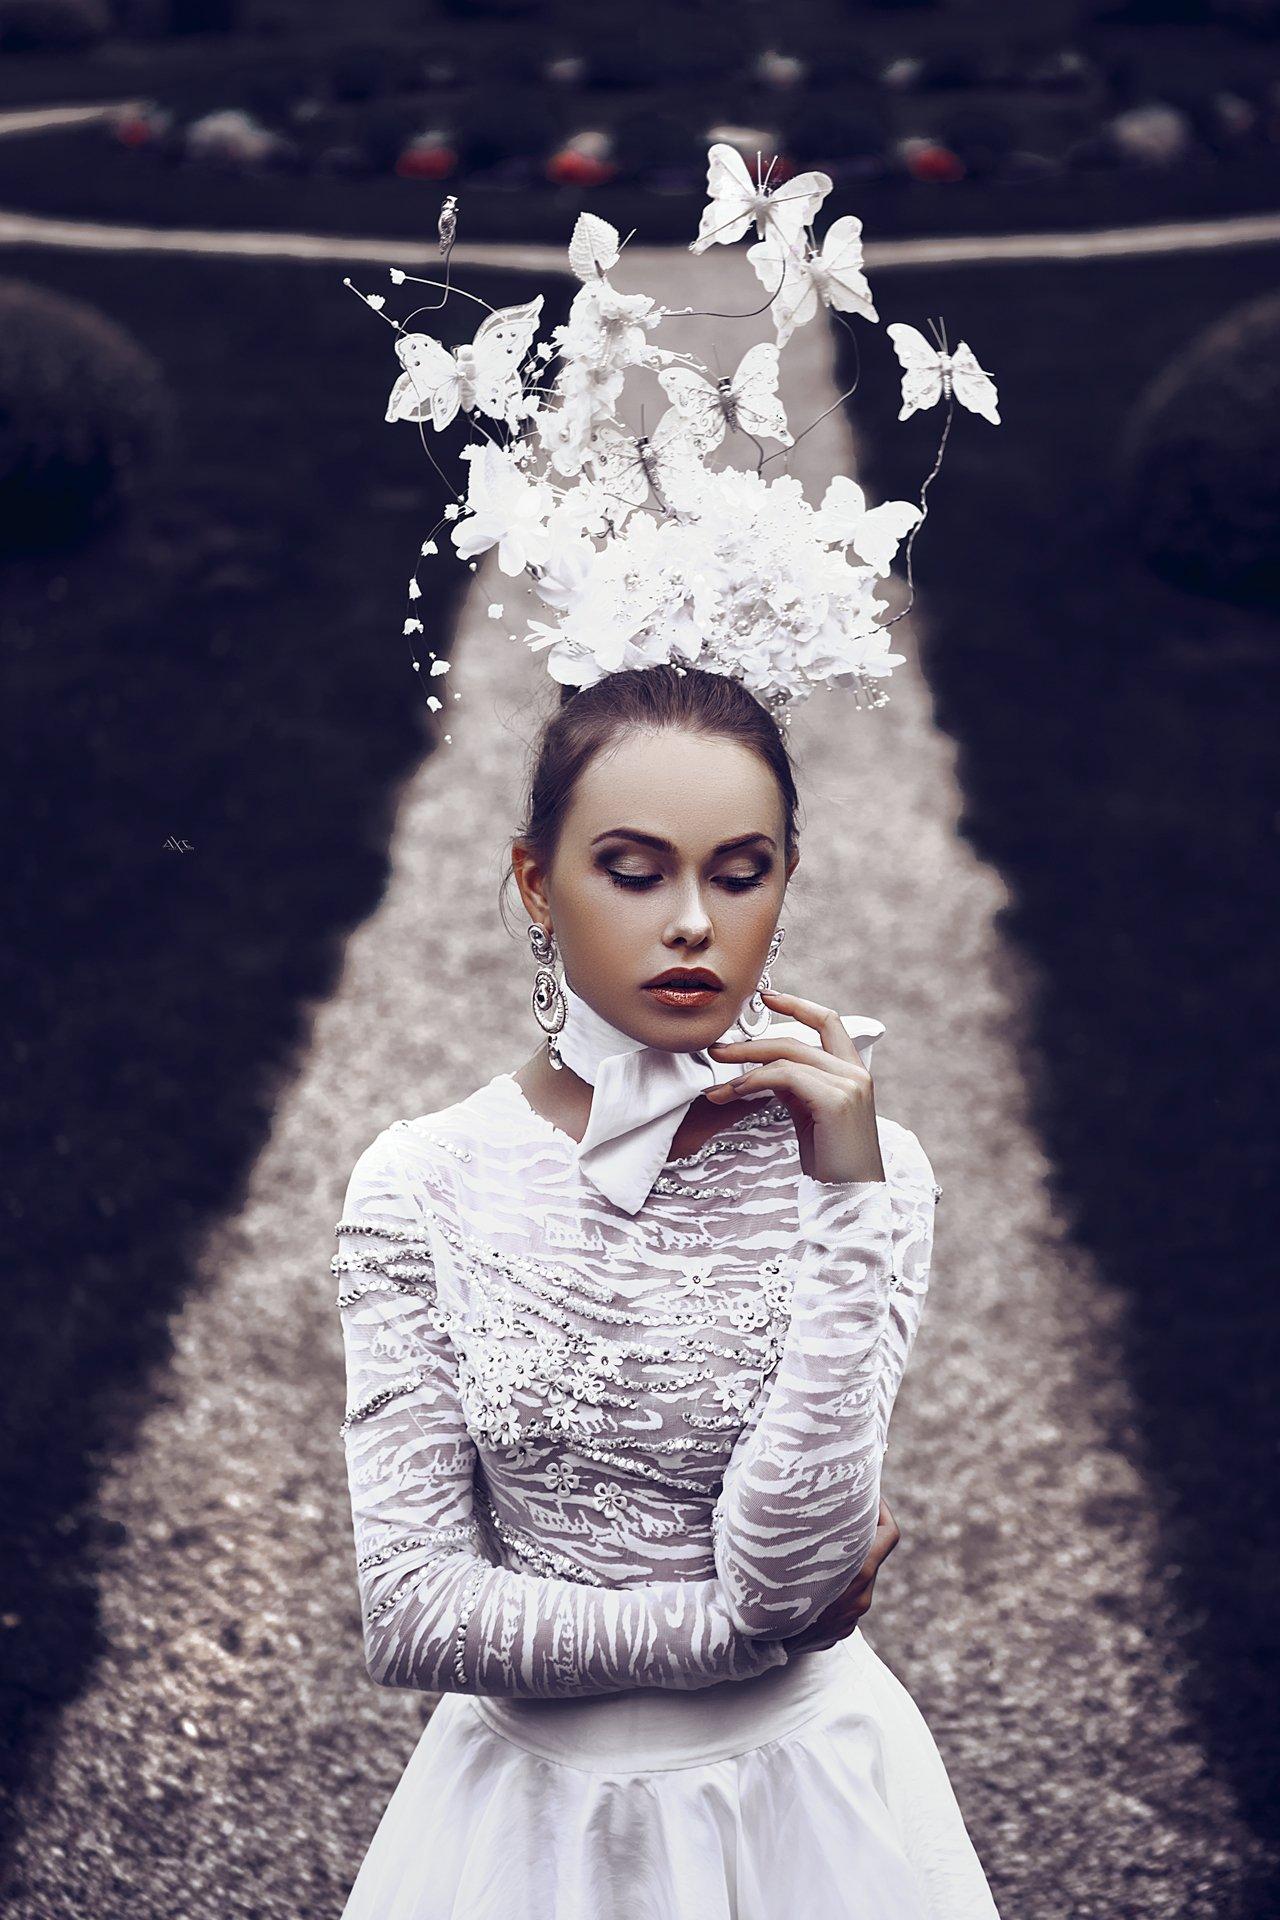 woman, portrait, dress, natural light, Руслан Болгов (Axe)